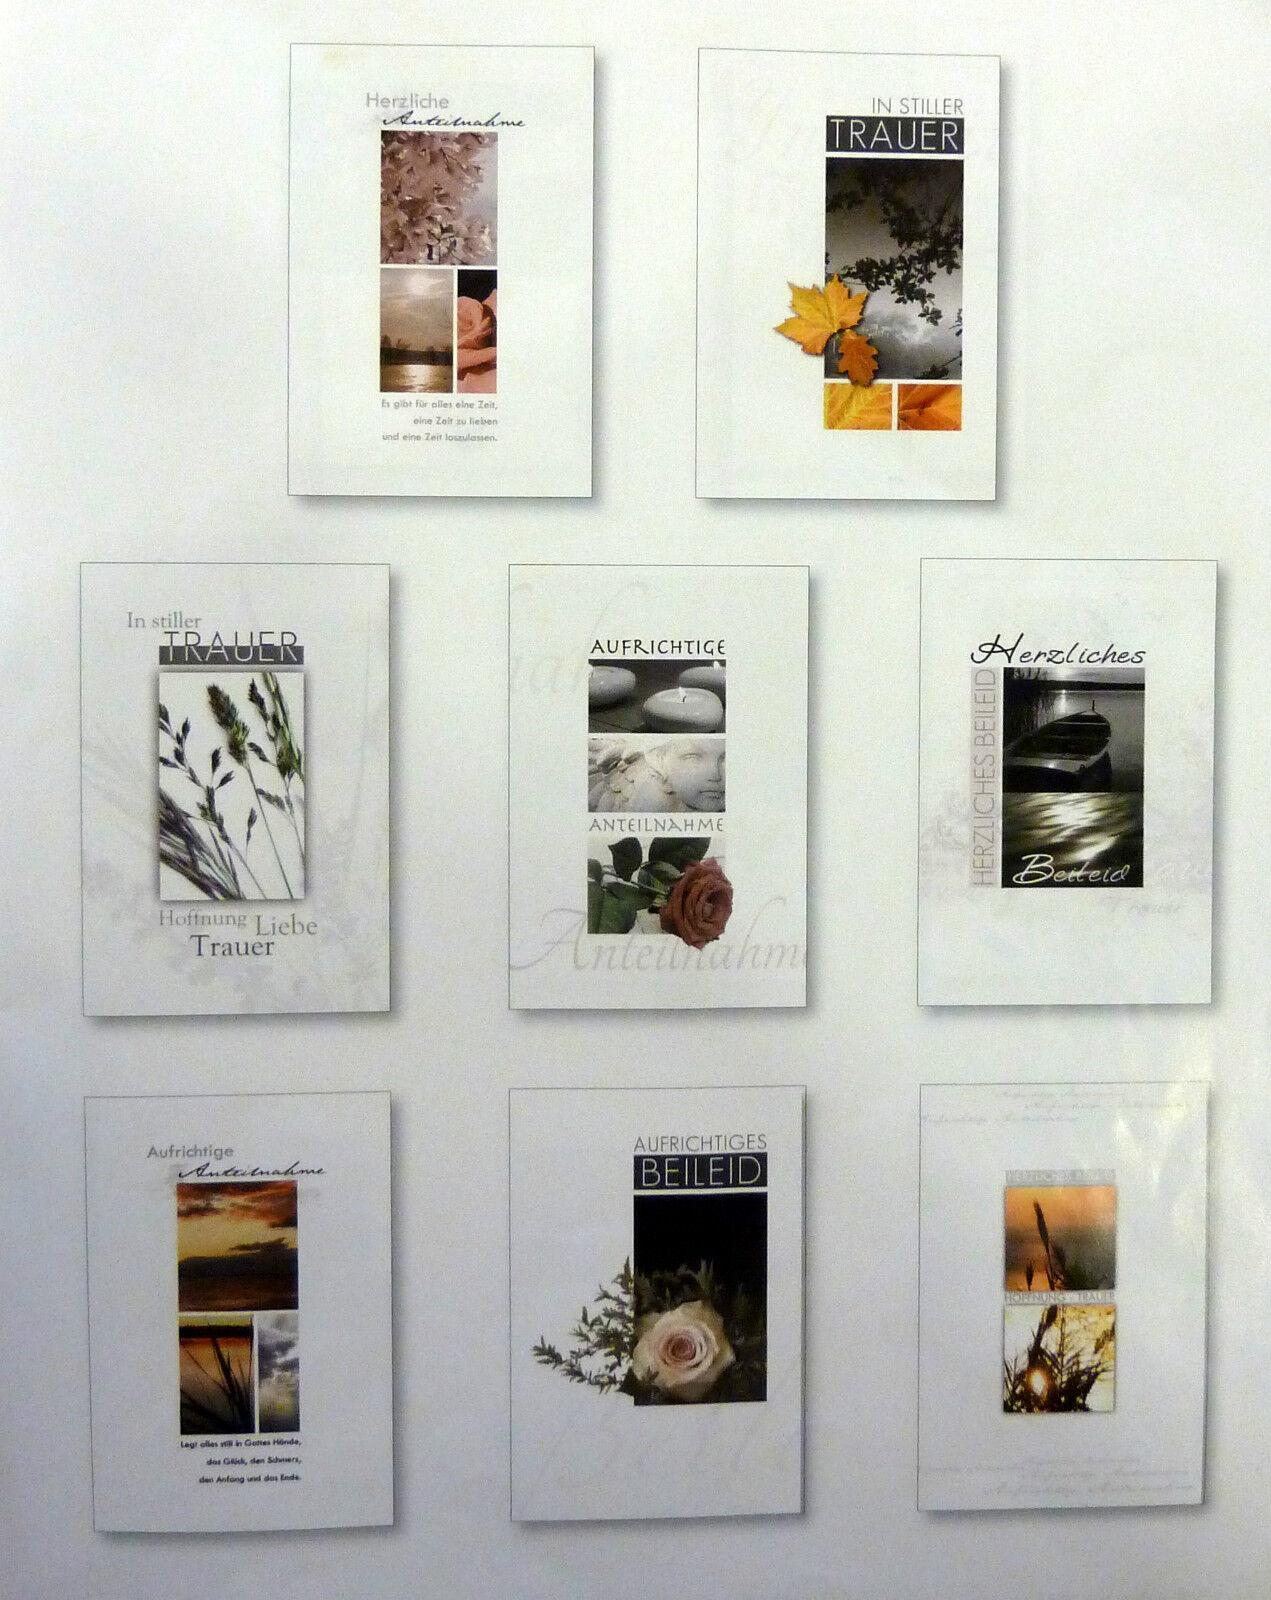 Ab 17,5 ct, Trauerkarten, Beileidskarten,Kondolenzkarten,KlappkartenUmschlag  | Hochwertig  | Hohe Qualität und günstig